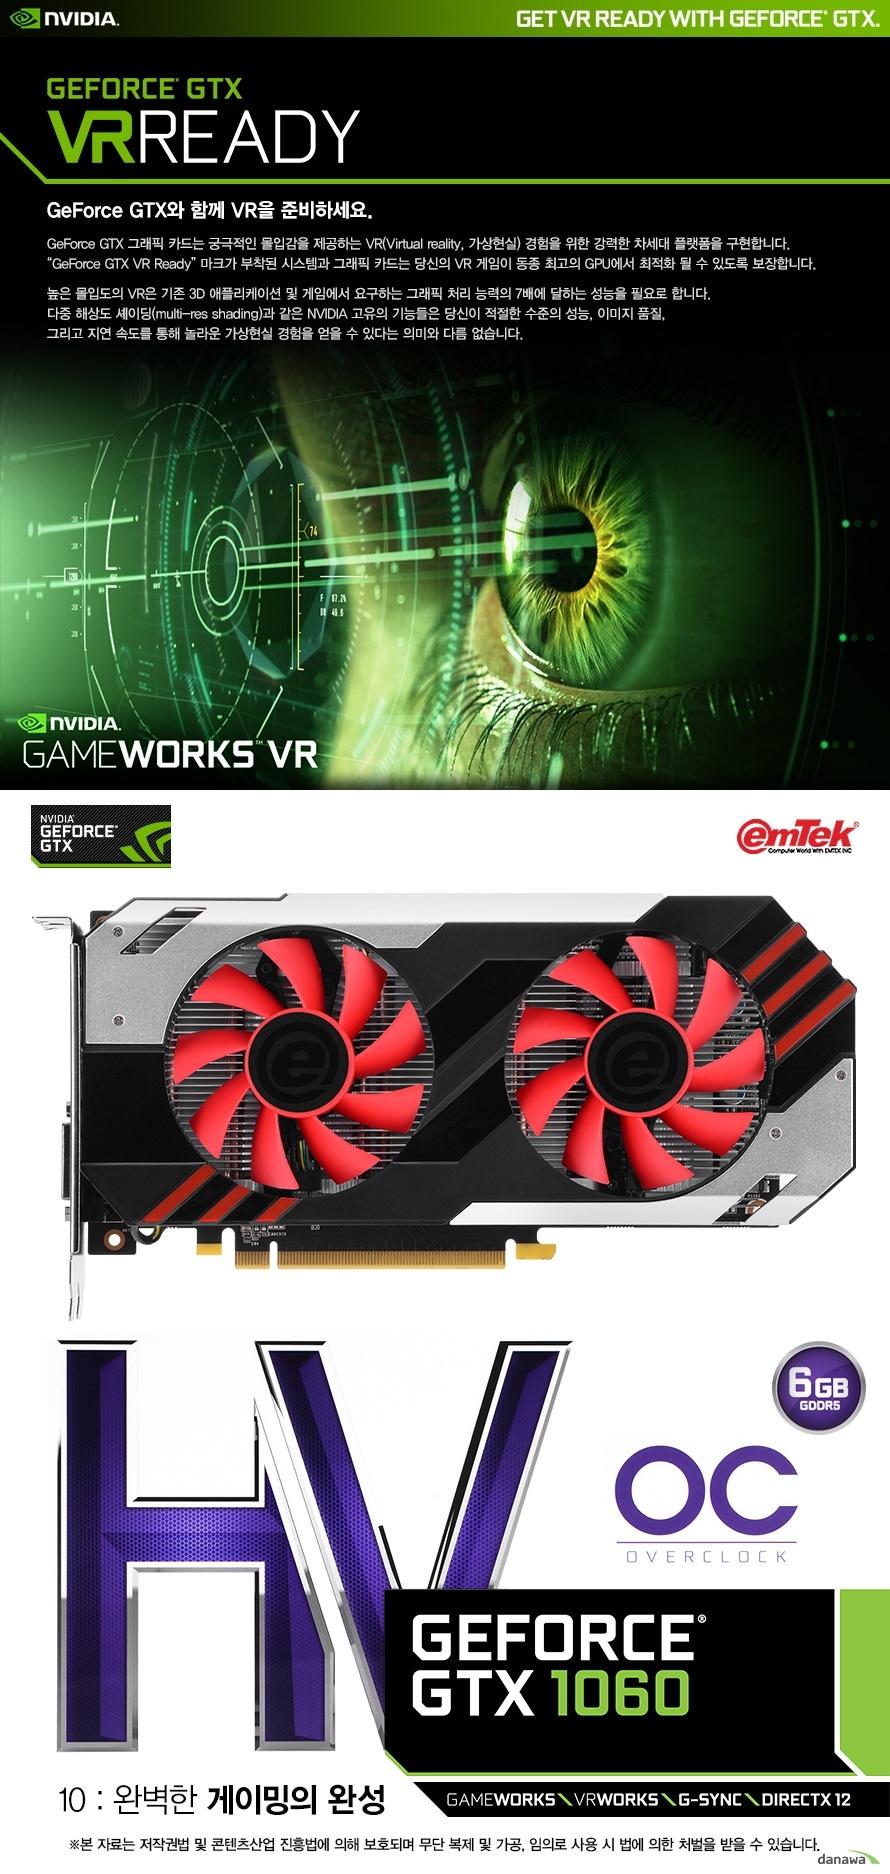 엔비디아지포스 GTX VR레디지포스 GTX와 함께 VR을 준비하세요.지포스 GTX 그래픽카드는 궁극적인 몰입감을 제공하는 VR경험을 위한 강력한 차세대 플랫폼을 구현합니다.지포스 GTX VR 레디 마크가 부착된 시스템과 그래픽카드는 당신의 VR 게임이 동종 최고의 GPU에서 최적화 될 수 있도록보장합니다.높은 몰입도의 VR은 기존 3D 애플리케이션 및 게임에서 요구하는 그래픽  처리 능력의 7배에 달하는 성능을 필요합니다.다중 해상도 셰이딩과 같은 엔비디아 고유의 기능들은 당신이 적절한 수준의 성능, 이미지 품질,그리고 지연 속도를 통해 놀라운 가상현실 경험을 얻을 수 잇다는 의미와 다름 없습니다.이엠텍 HV 지포스 GTX 1060 OC 6GB10 : 완벽한 게이밍의 완성본 자료는 저작권법 및 콘텐츠산업 진흥법에 의해 보호되며 무단 복제 및 가공, 임의로 사용 시 법에 의한 처벌을 받을 수 있습니다.